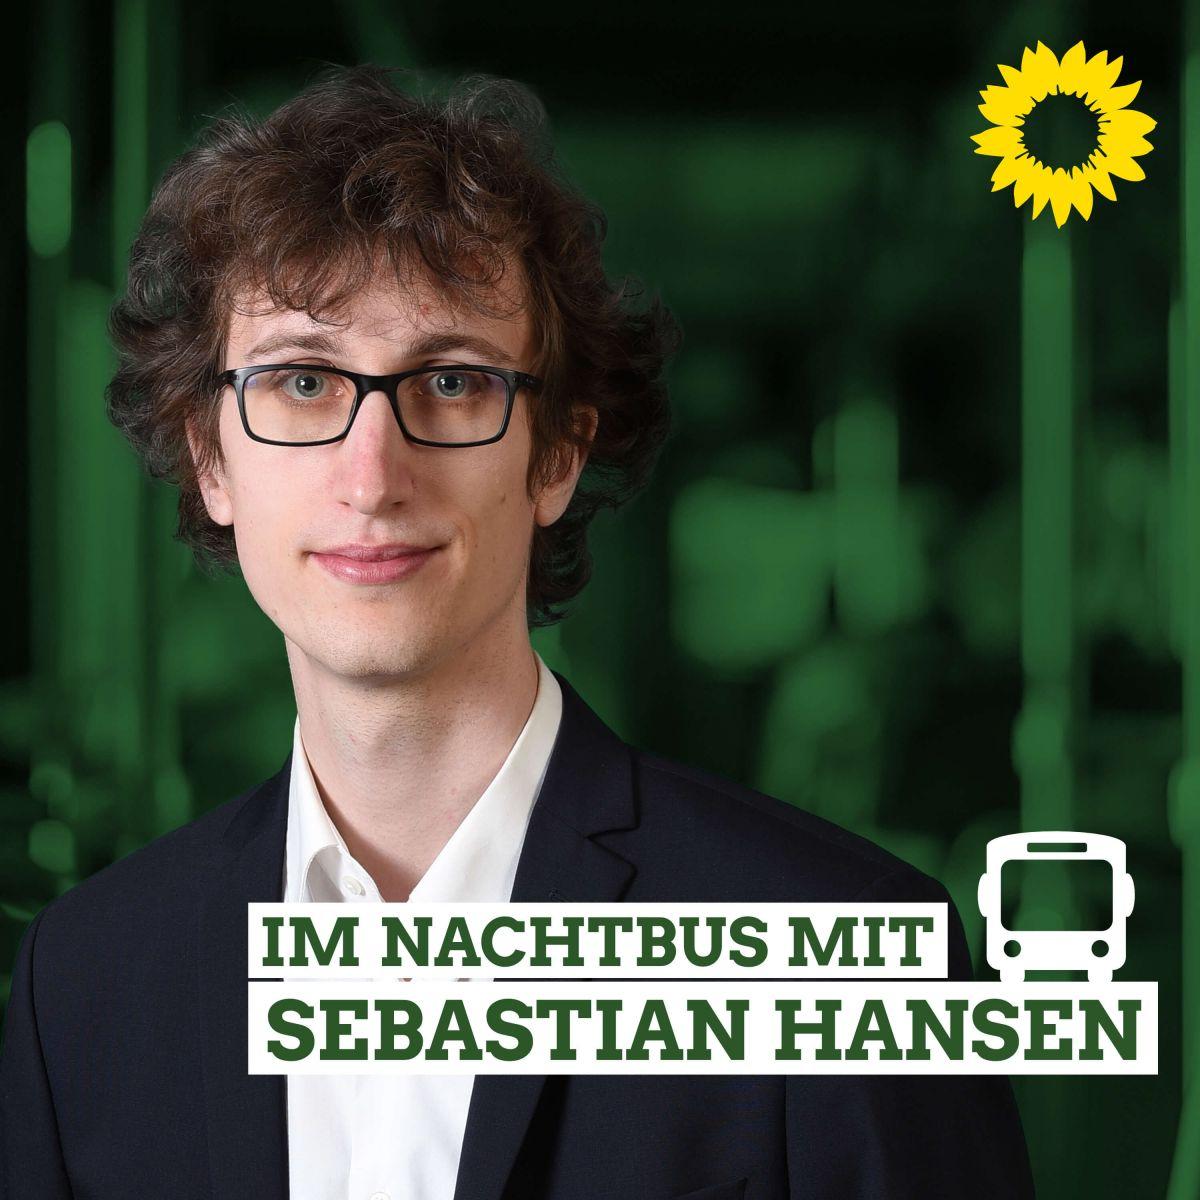 Podcast-Cover: Im Nachtbus mit Sebstian Hansen